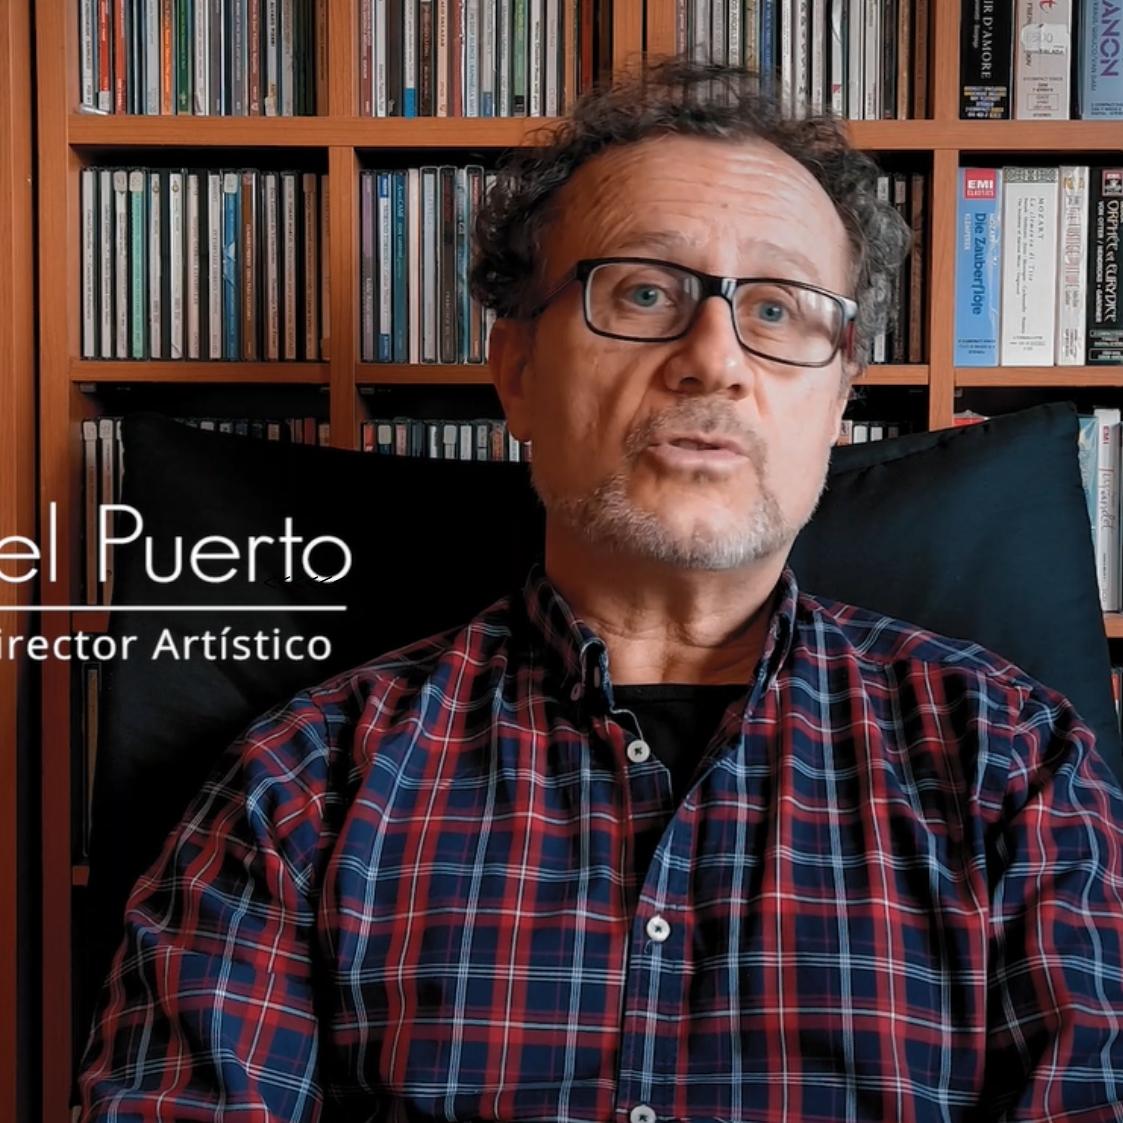 Con José Luis Ruíz del Puerto - Retratos en Tiempos de Pandemia